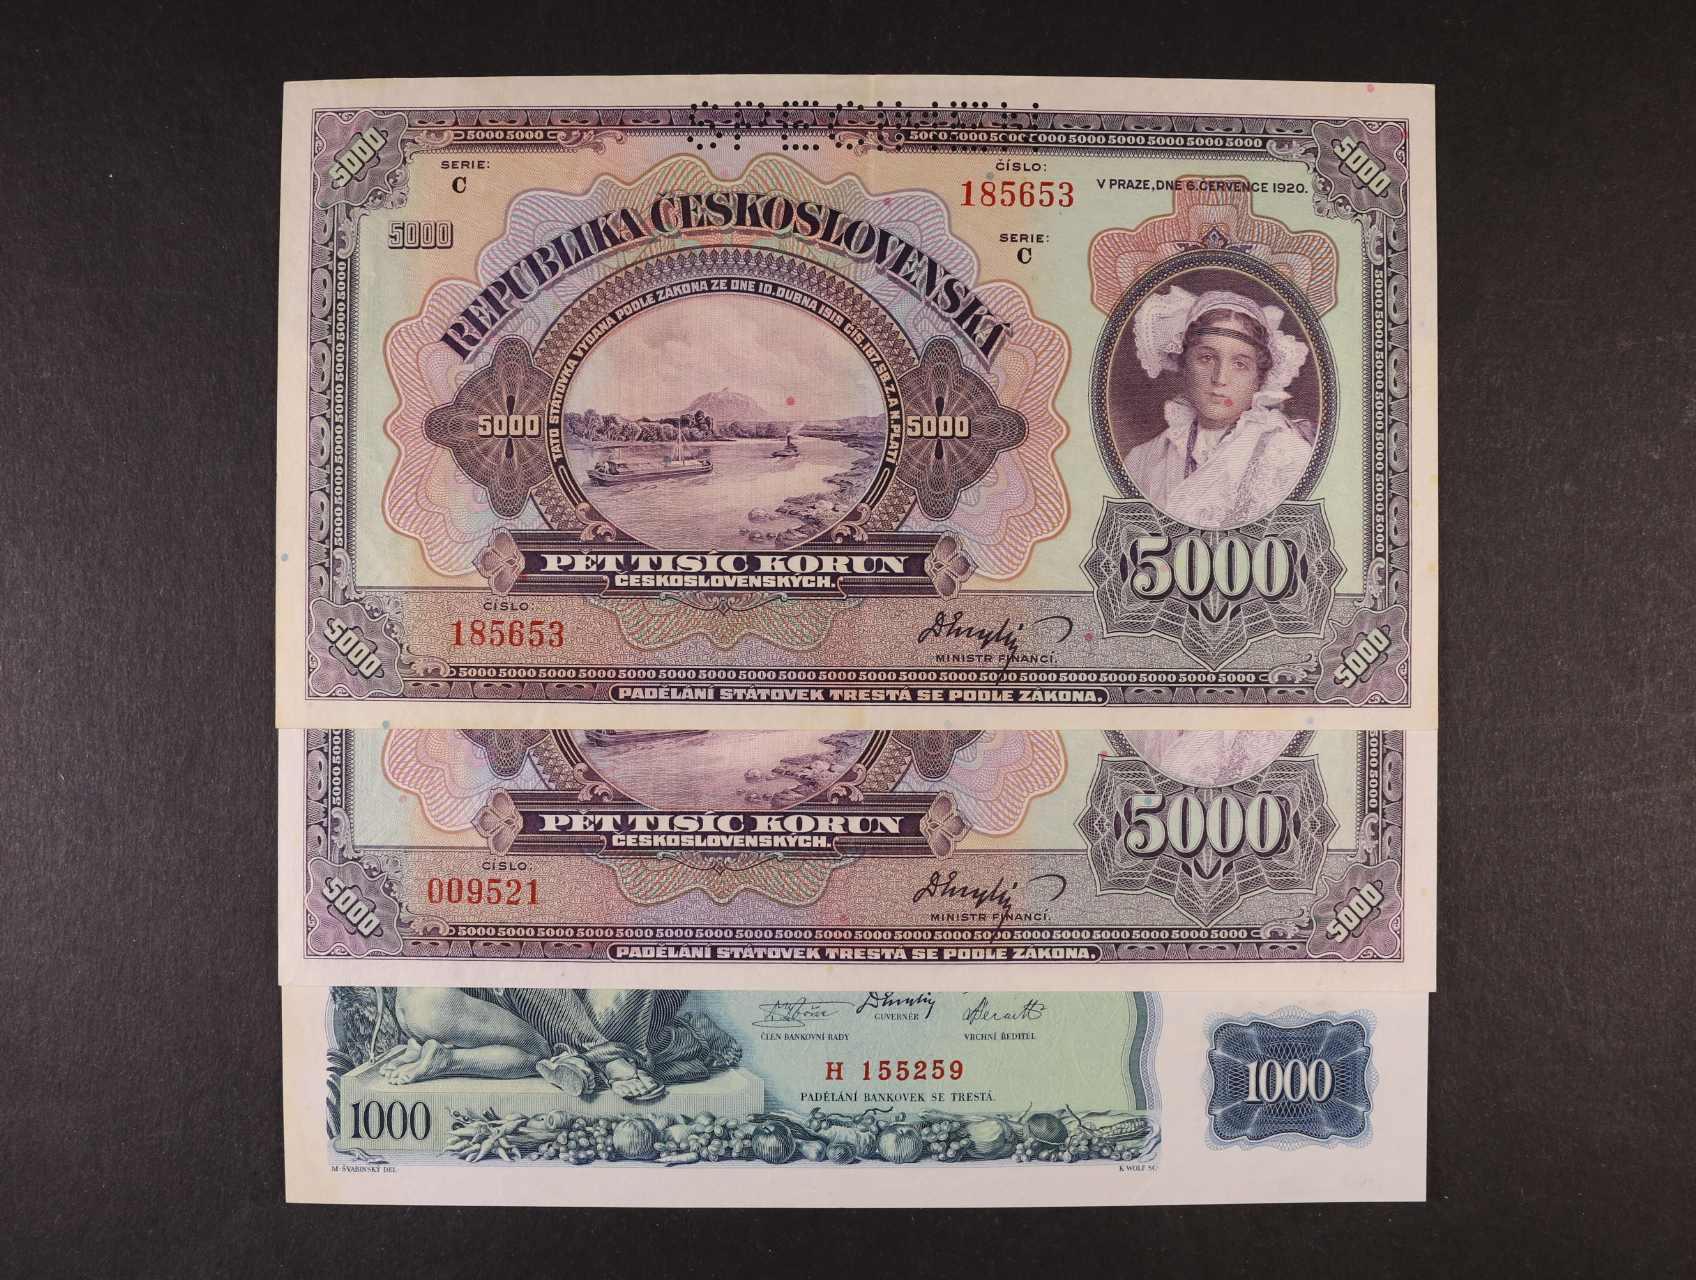 5000 Kč 6.7.1920 série B, C, 1000 Kč 25.5.1934 série H, vše perf. SPECIMEN,  Ba. 17b, c, 27, Pi. 17s, 26s